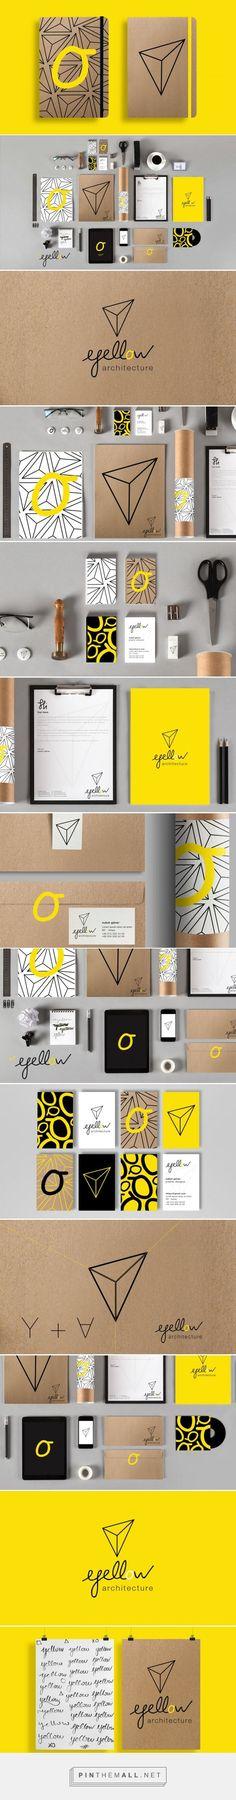 6.O escritório Yellow Architecture optou por uma identidade moderna com fonte manuscrita e traços mais simples. Feita pela Fivestar Branding – Design and Branding Agency & Inspiration Gallery. #IdentidadeVisual #Logo #Propaganda #Branding #Creative #TudoMarketing #TudoMkt